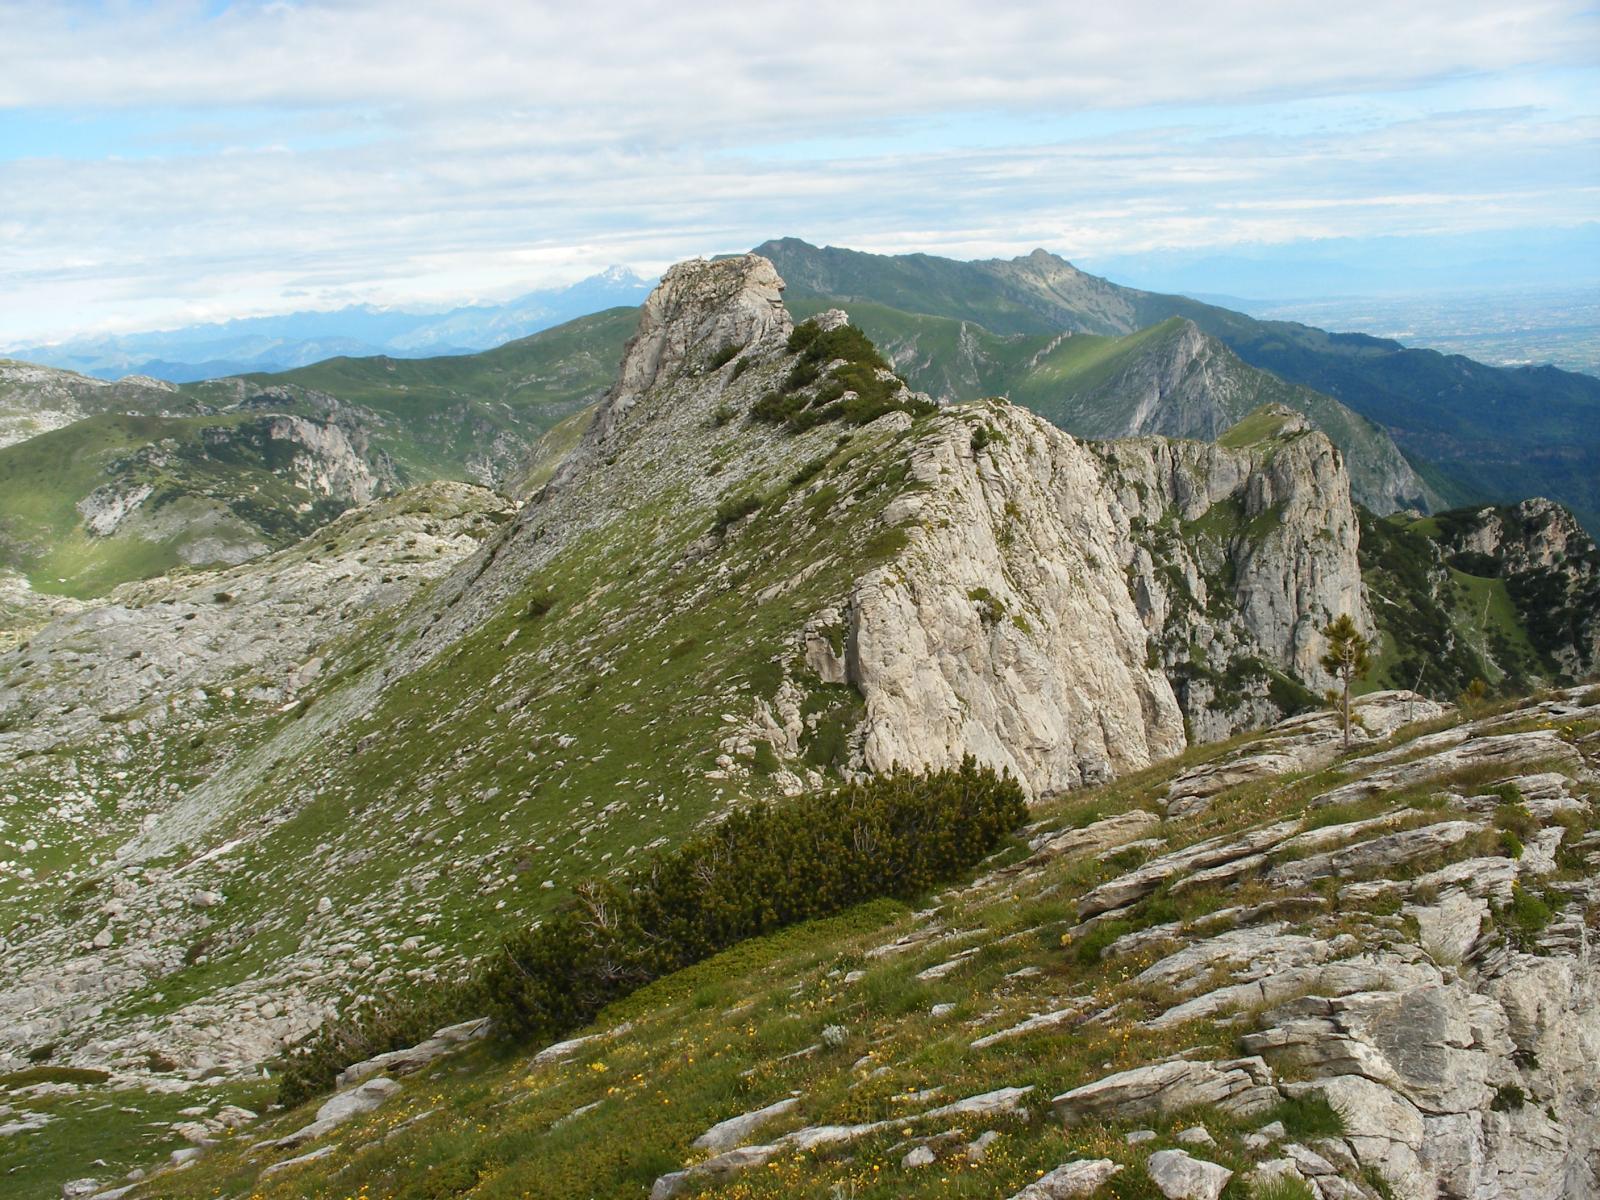 cima di Piero e cresta seguita